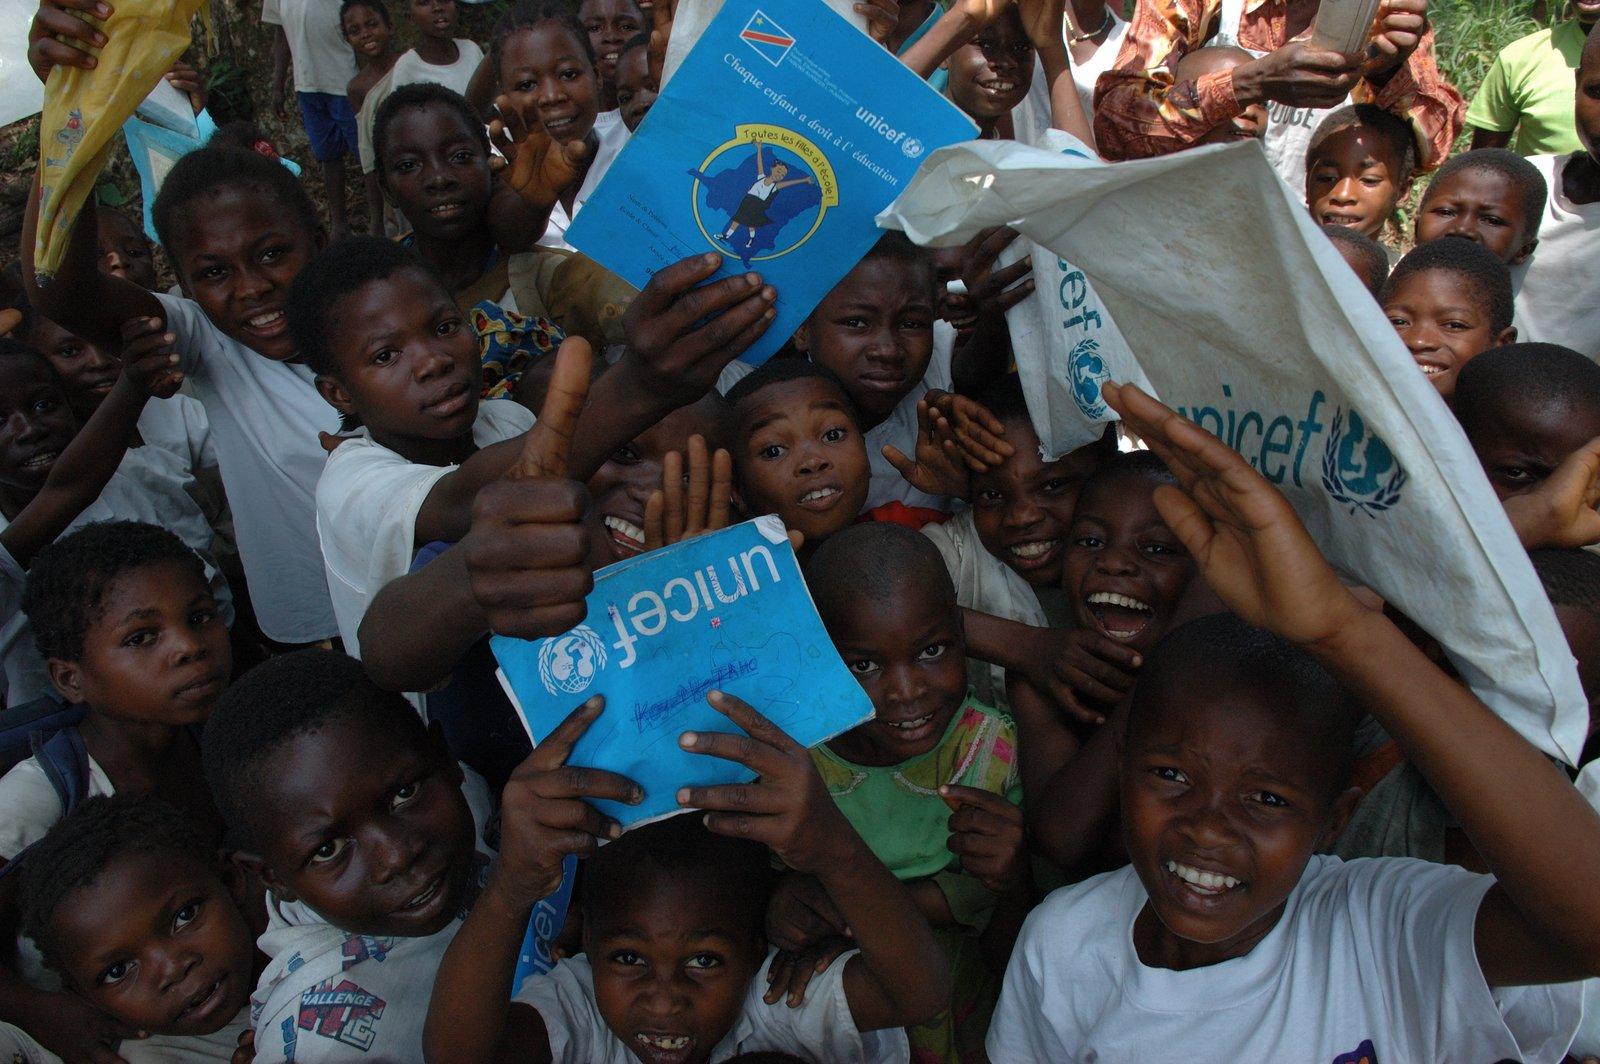 UNICEF działania Źródło: Julien Harneis, licencja: CC BY-SA 2.0, [online], dostępny winternecie: UNICEF pomaga dzieciom wKongo.